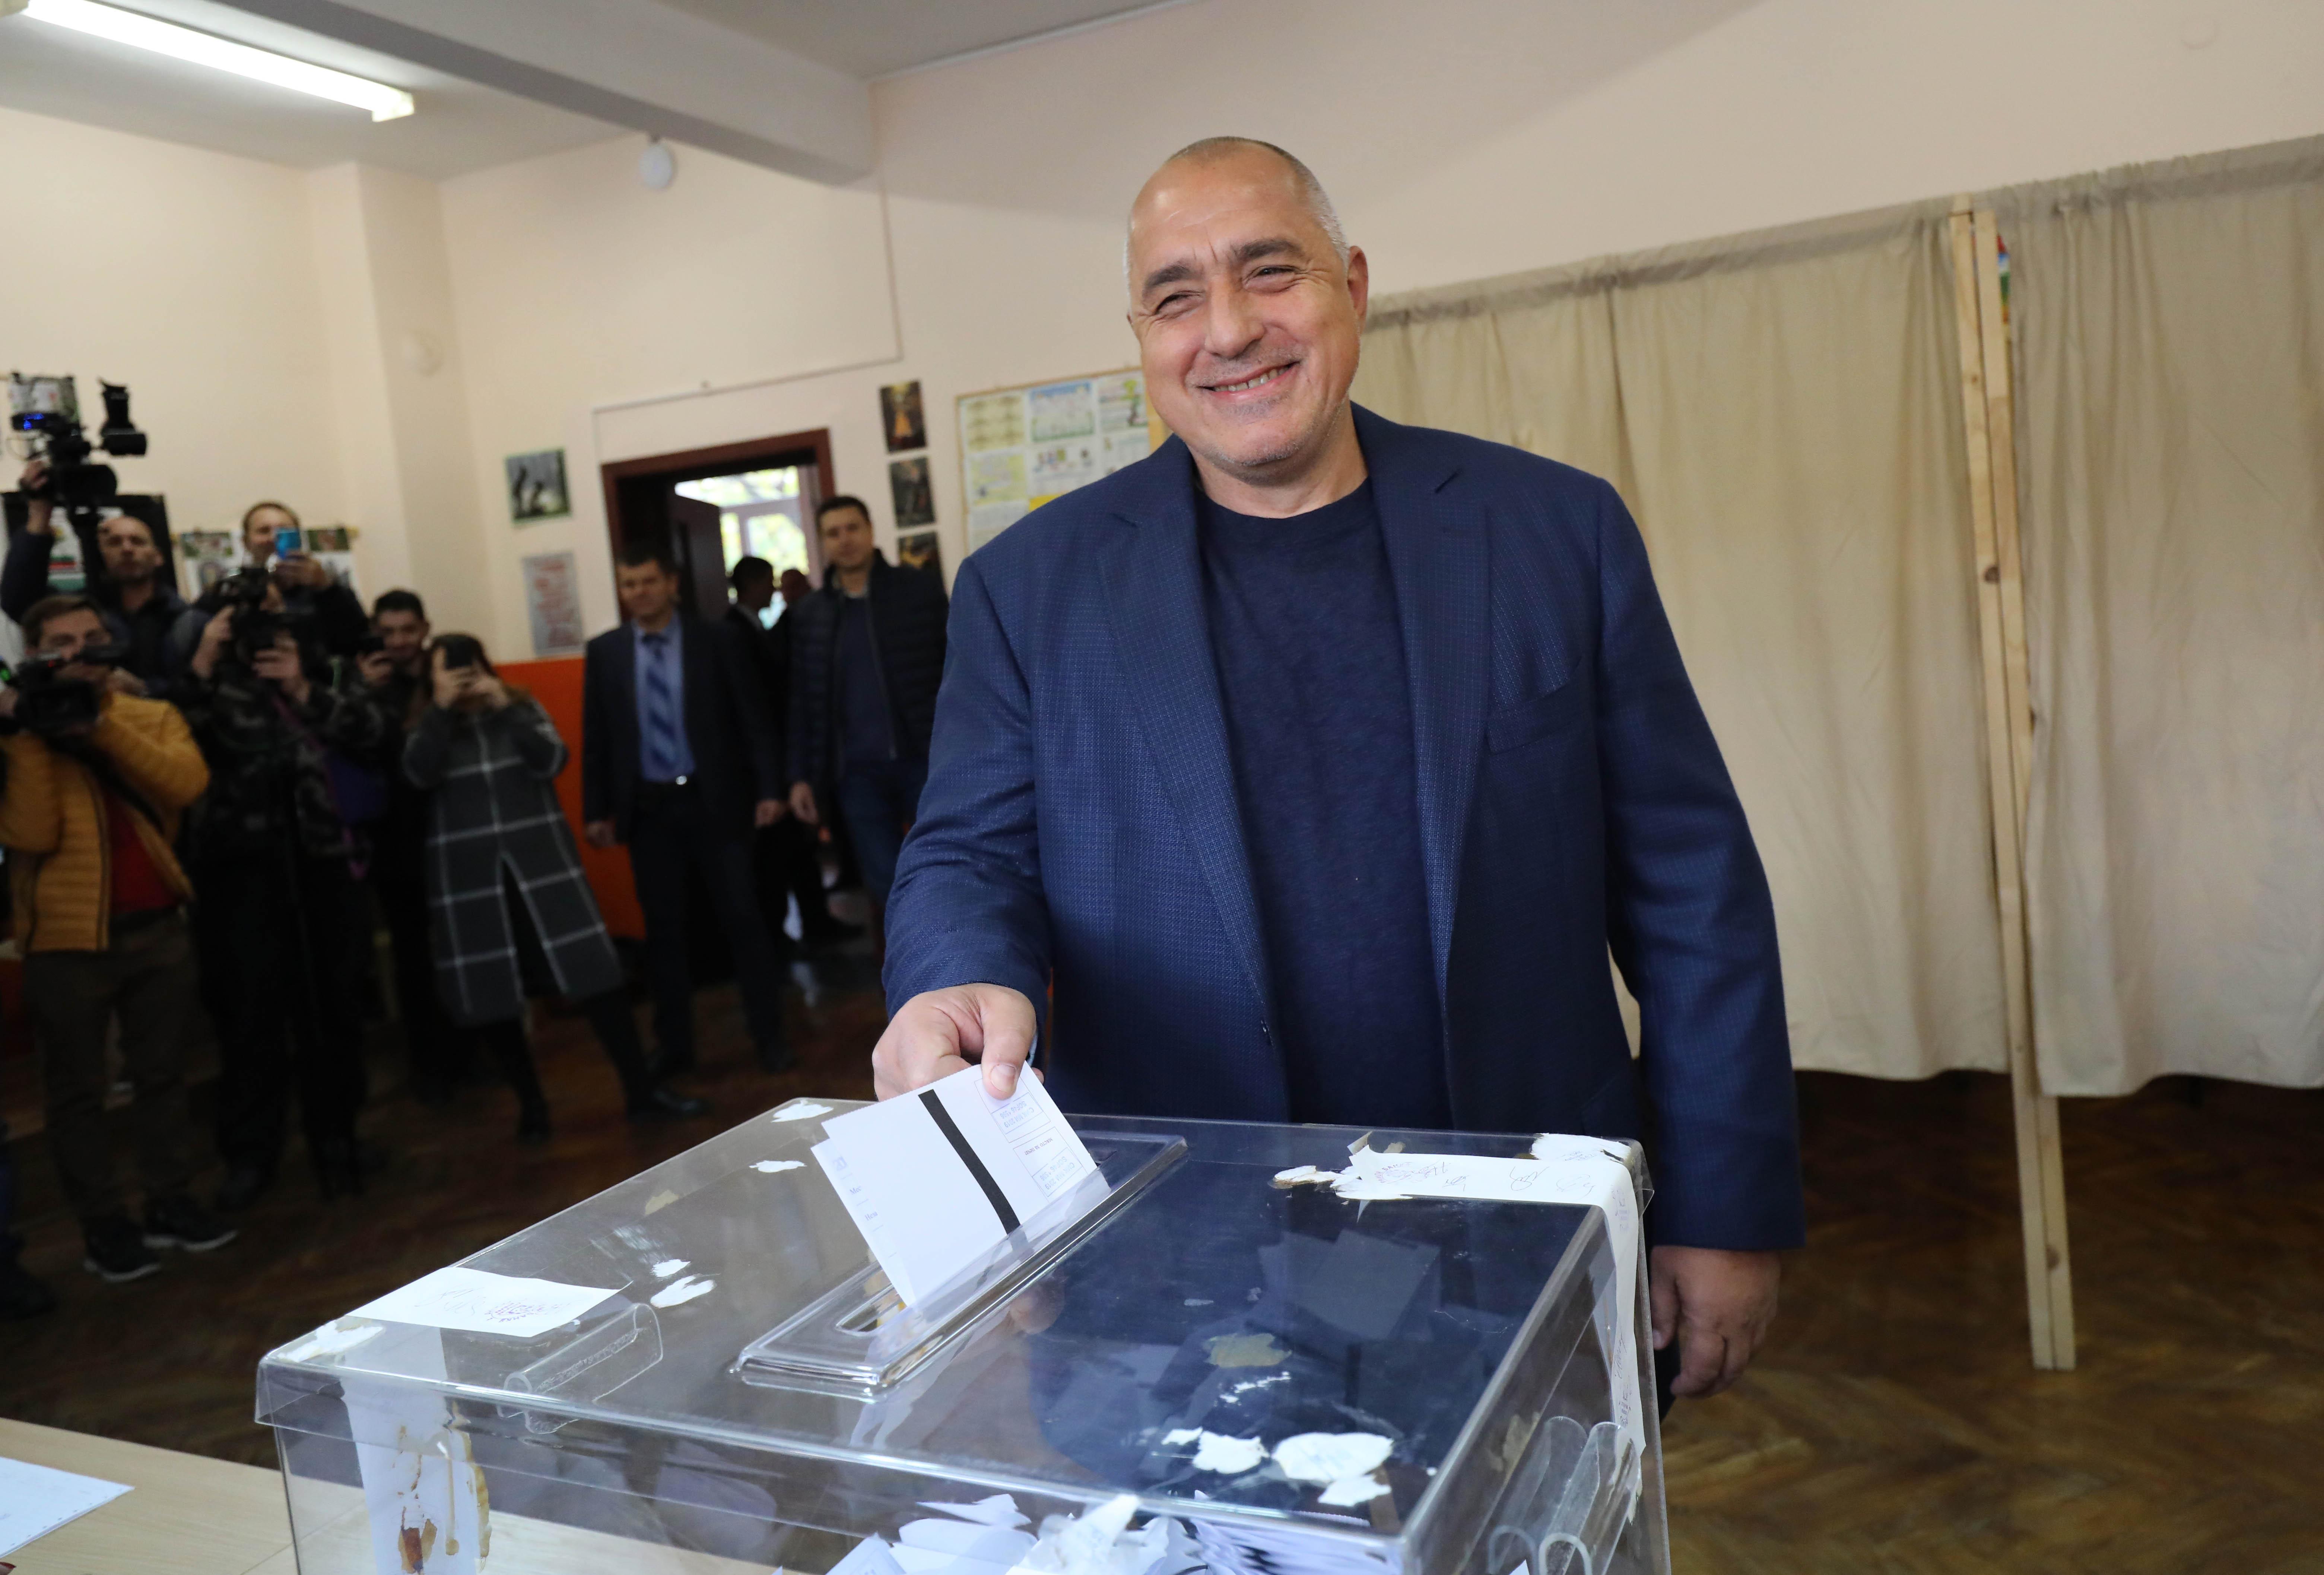 Втори тур за местна власт се провежда в 97 общини, 377 кметства и 31 района. Някои политици вече дадоха своя вот.